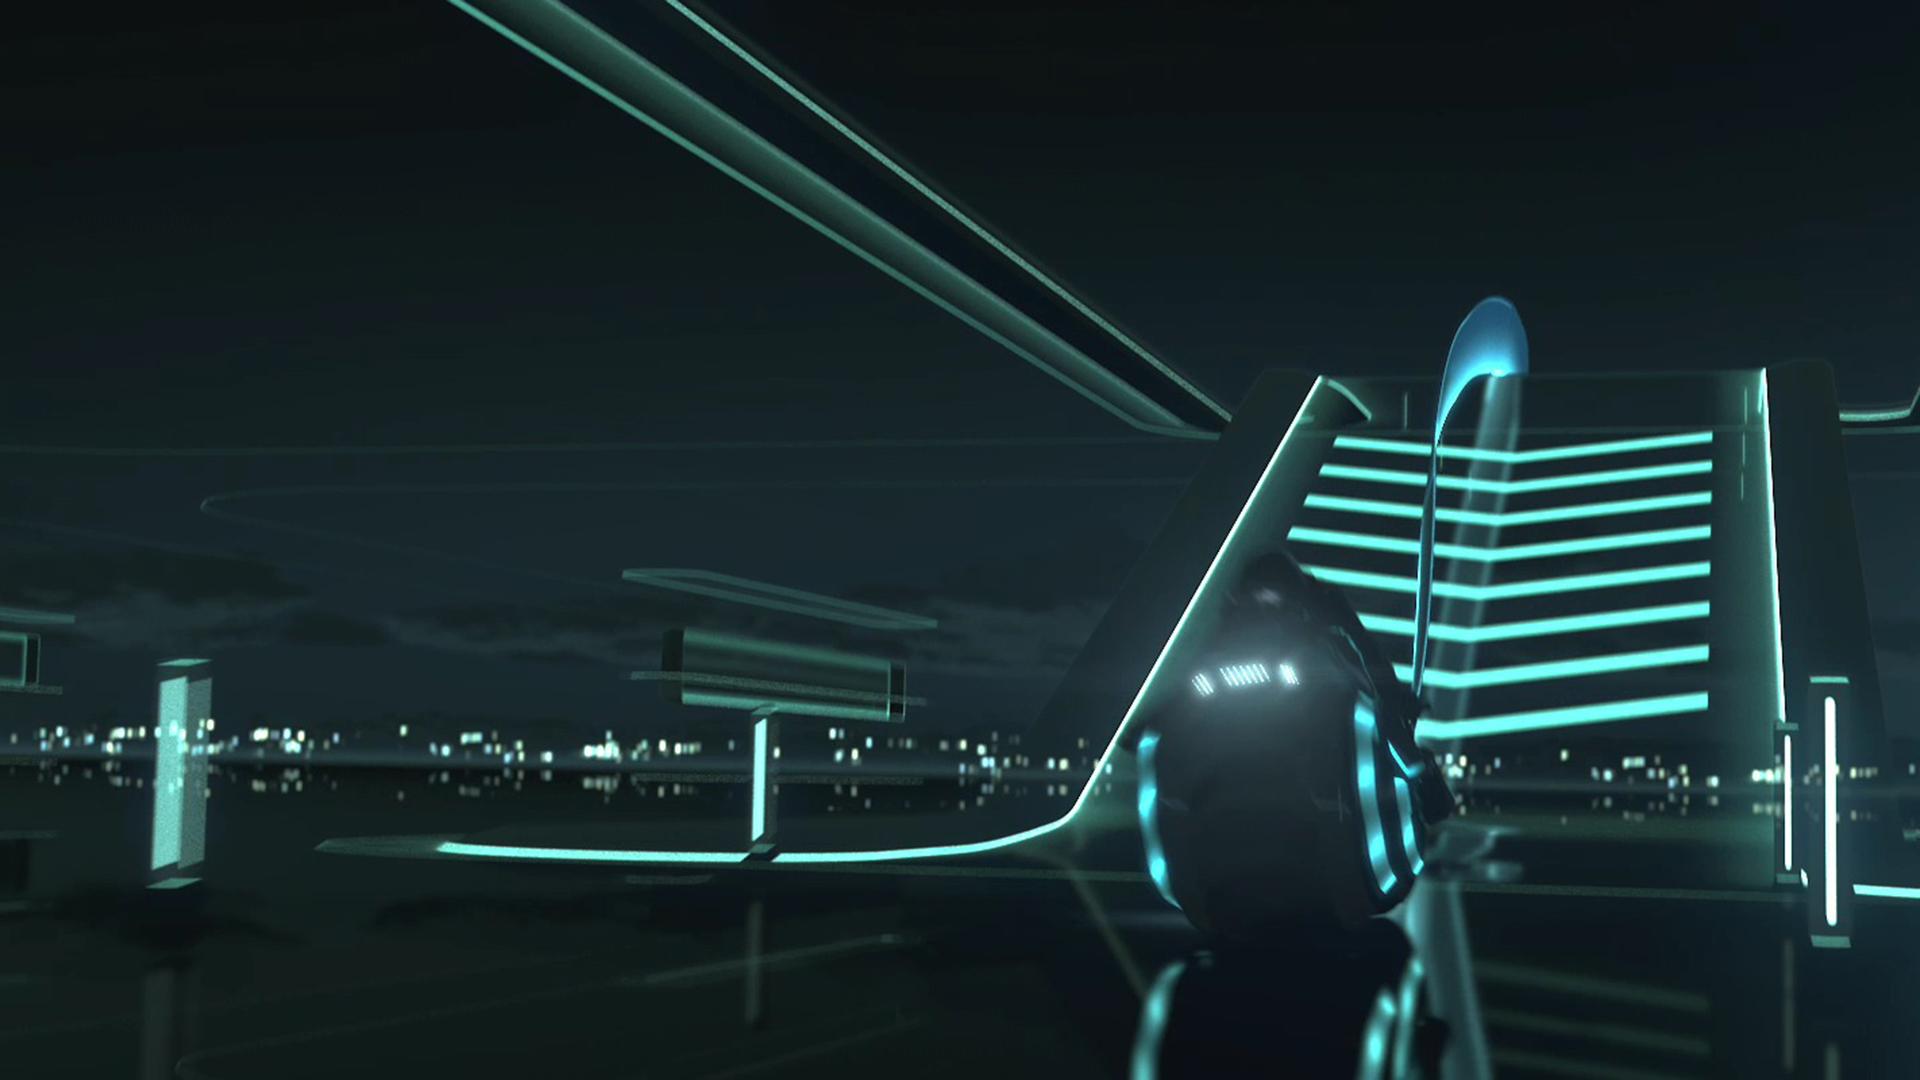 Tron Legacy Desktop Wallpaper